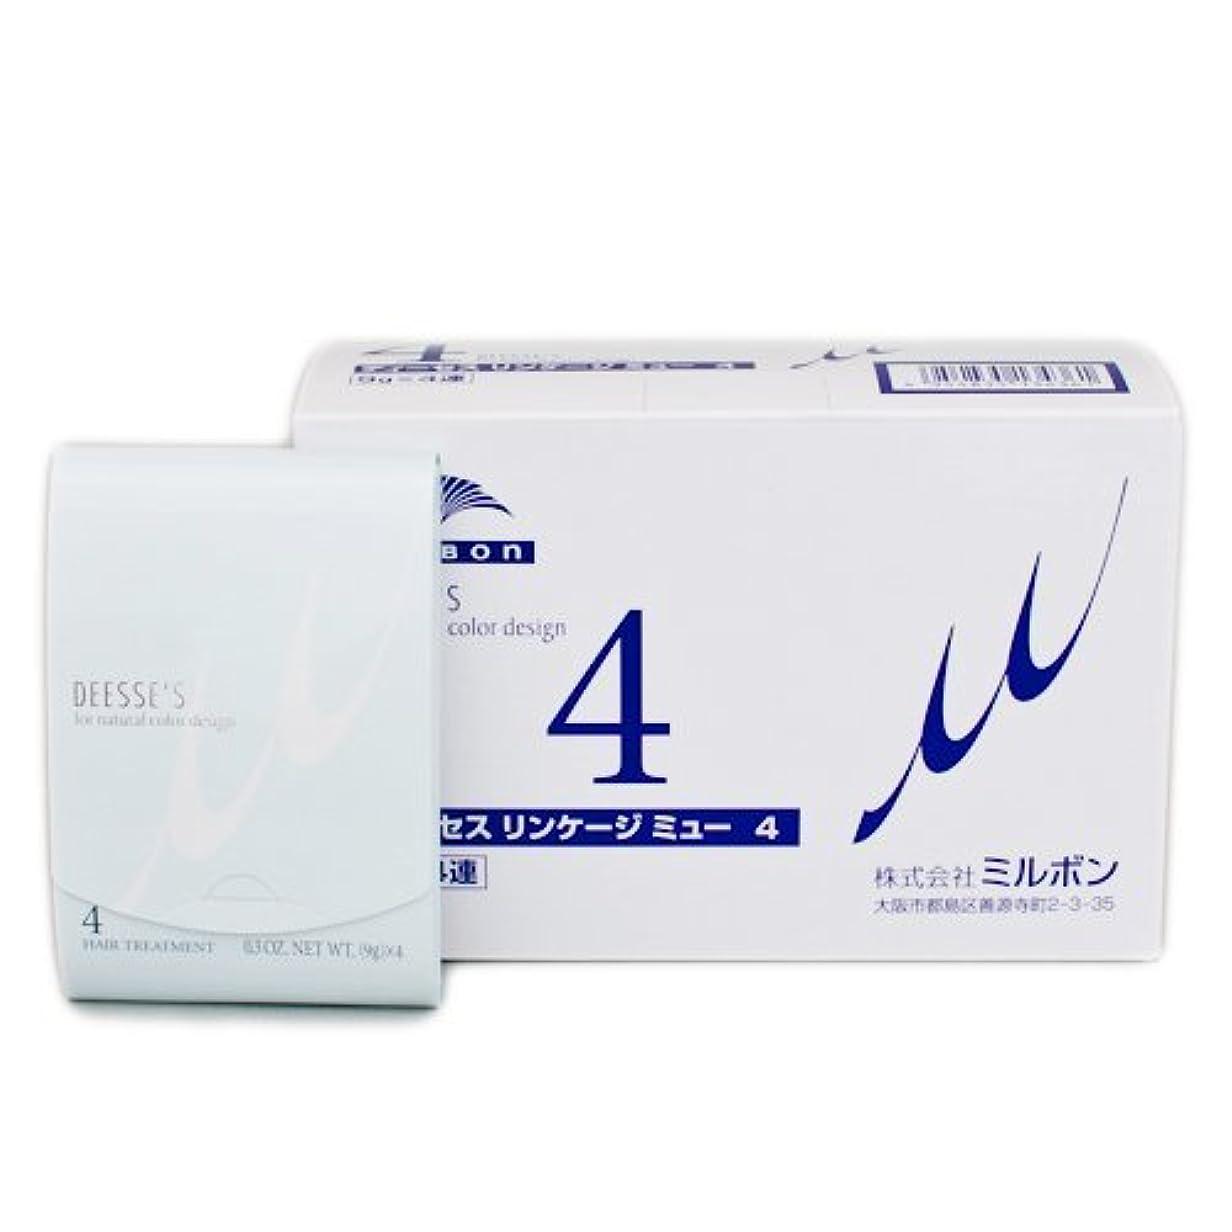 鋭く大きさ期間ミルボン ディーセス リンケージ ミュー 4 業務用9g×4連×10入